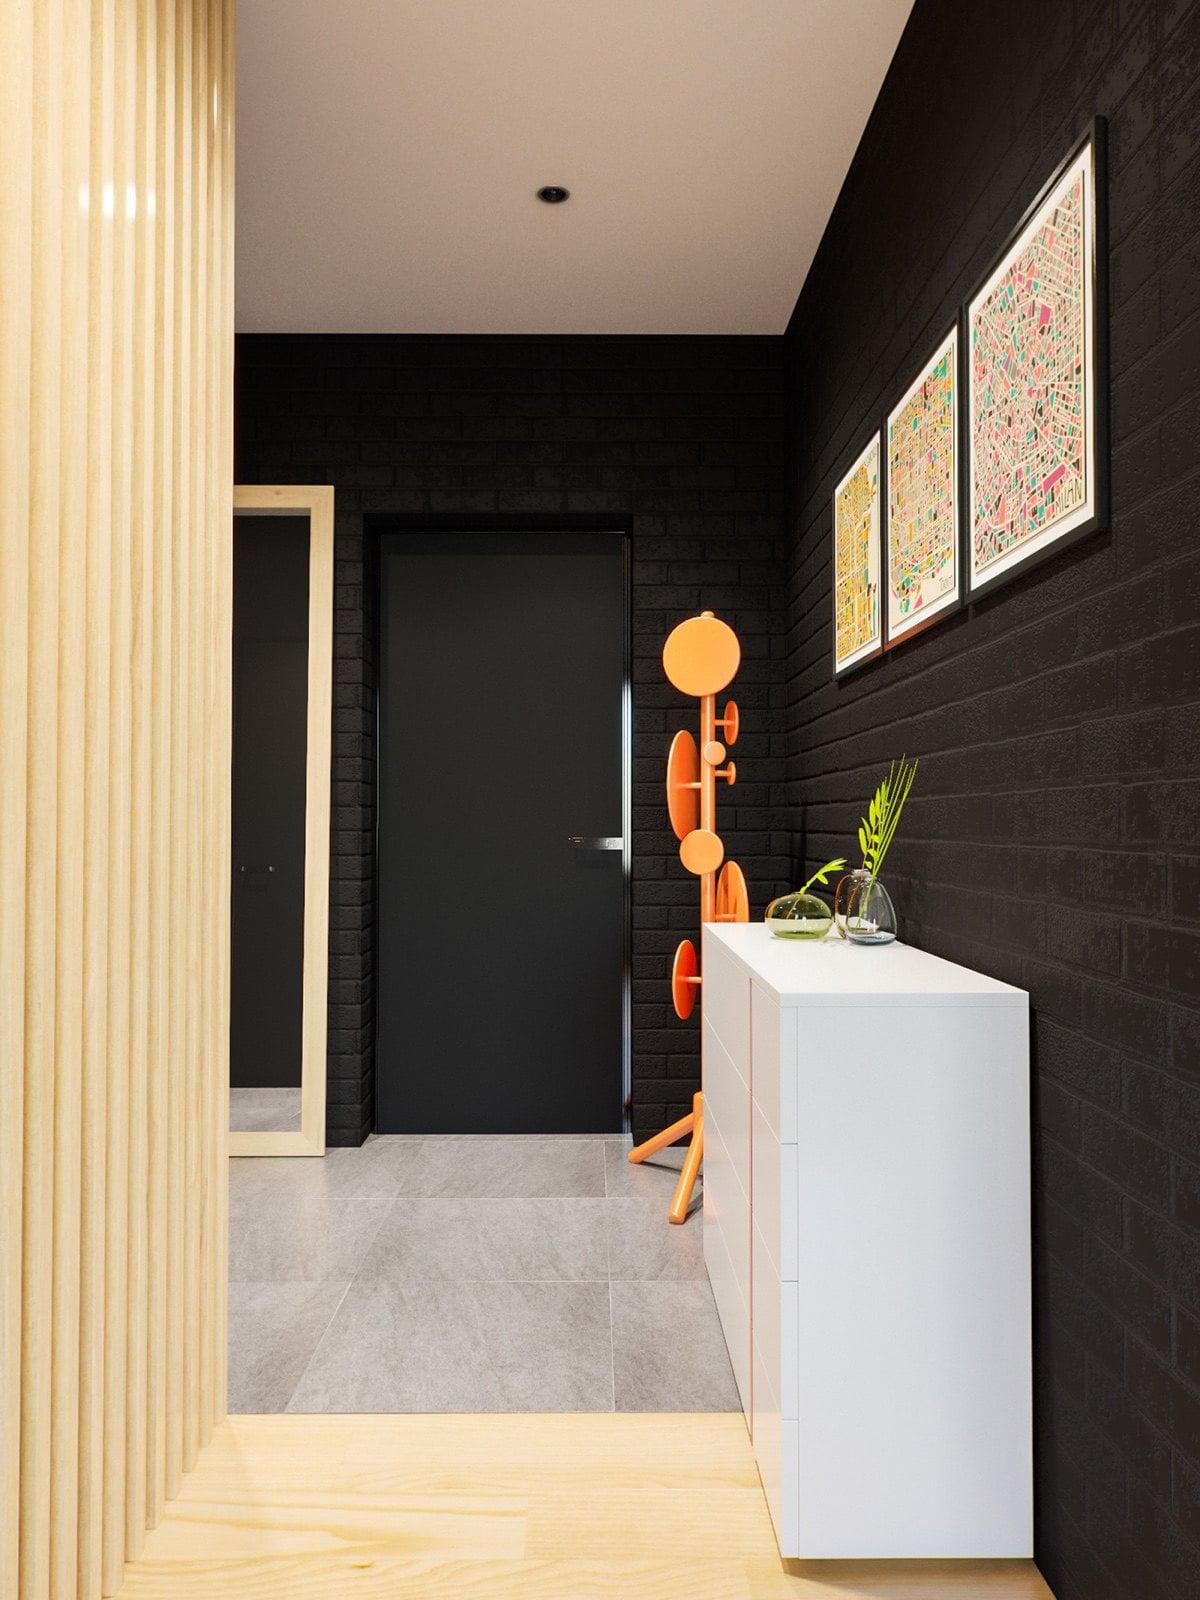 mẫu thiết kế căn hộ diện tích nhỏ đẹp 25